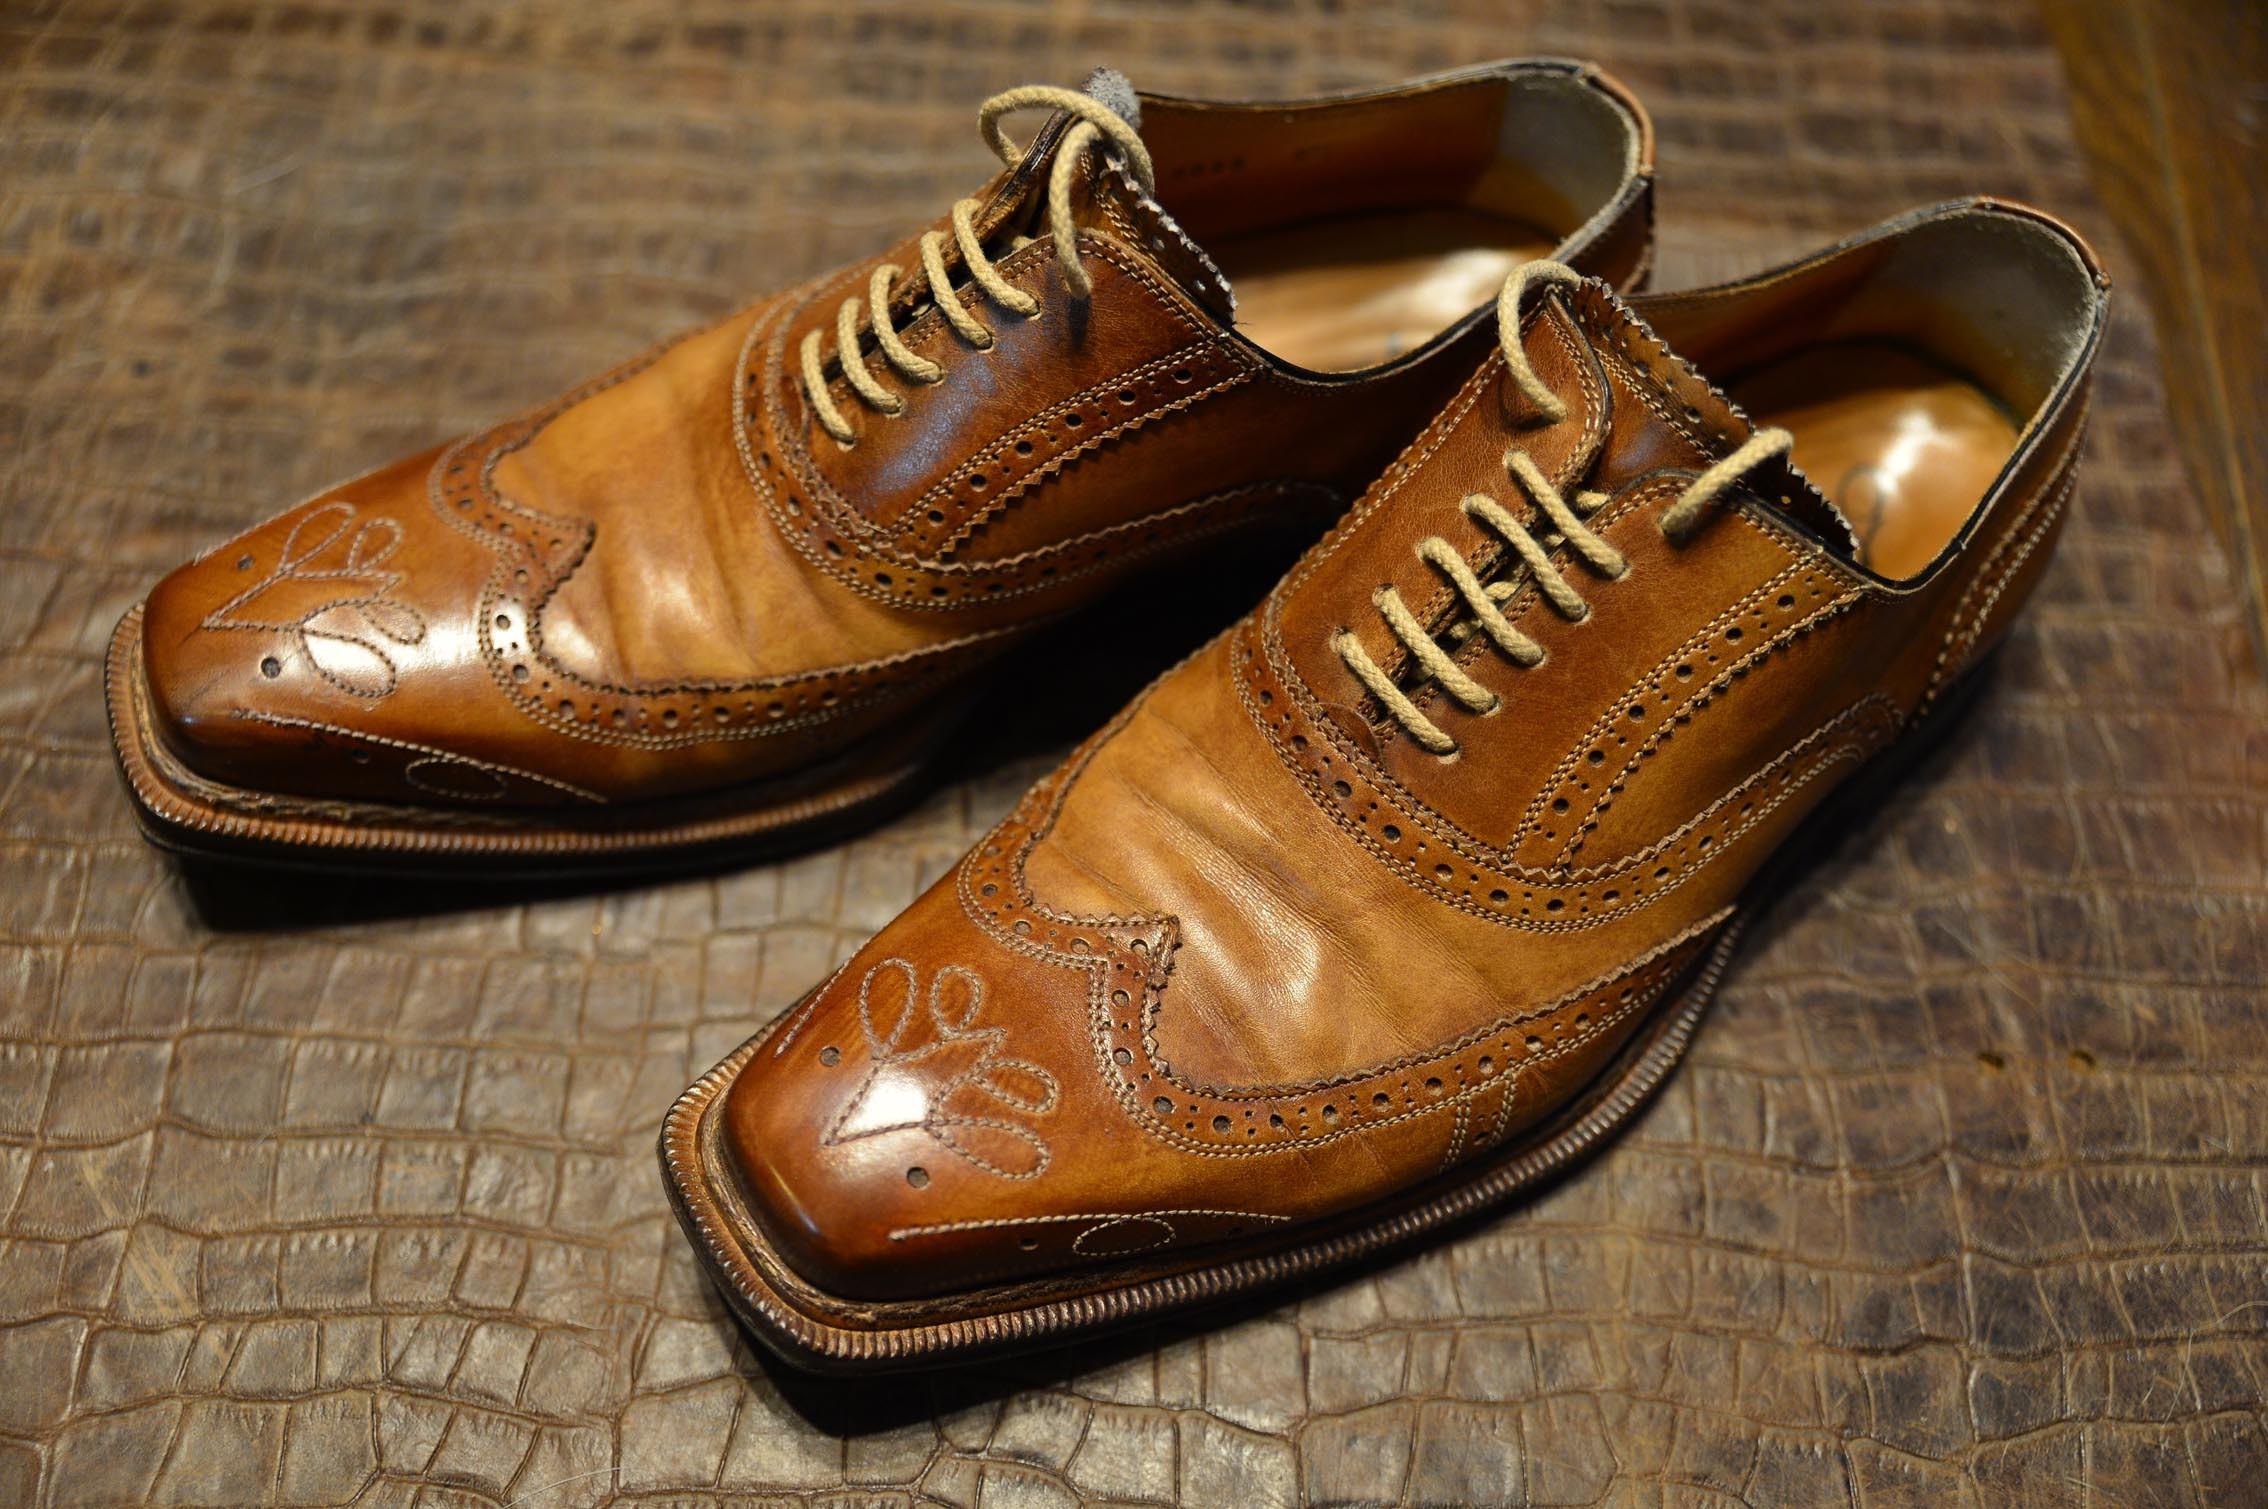 ブランキーニの靴1_b0310424_14151896.jpg